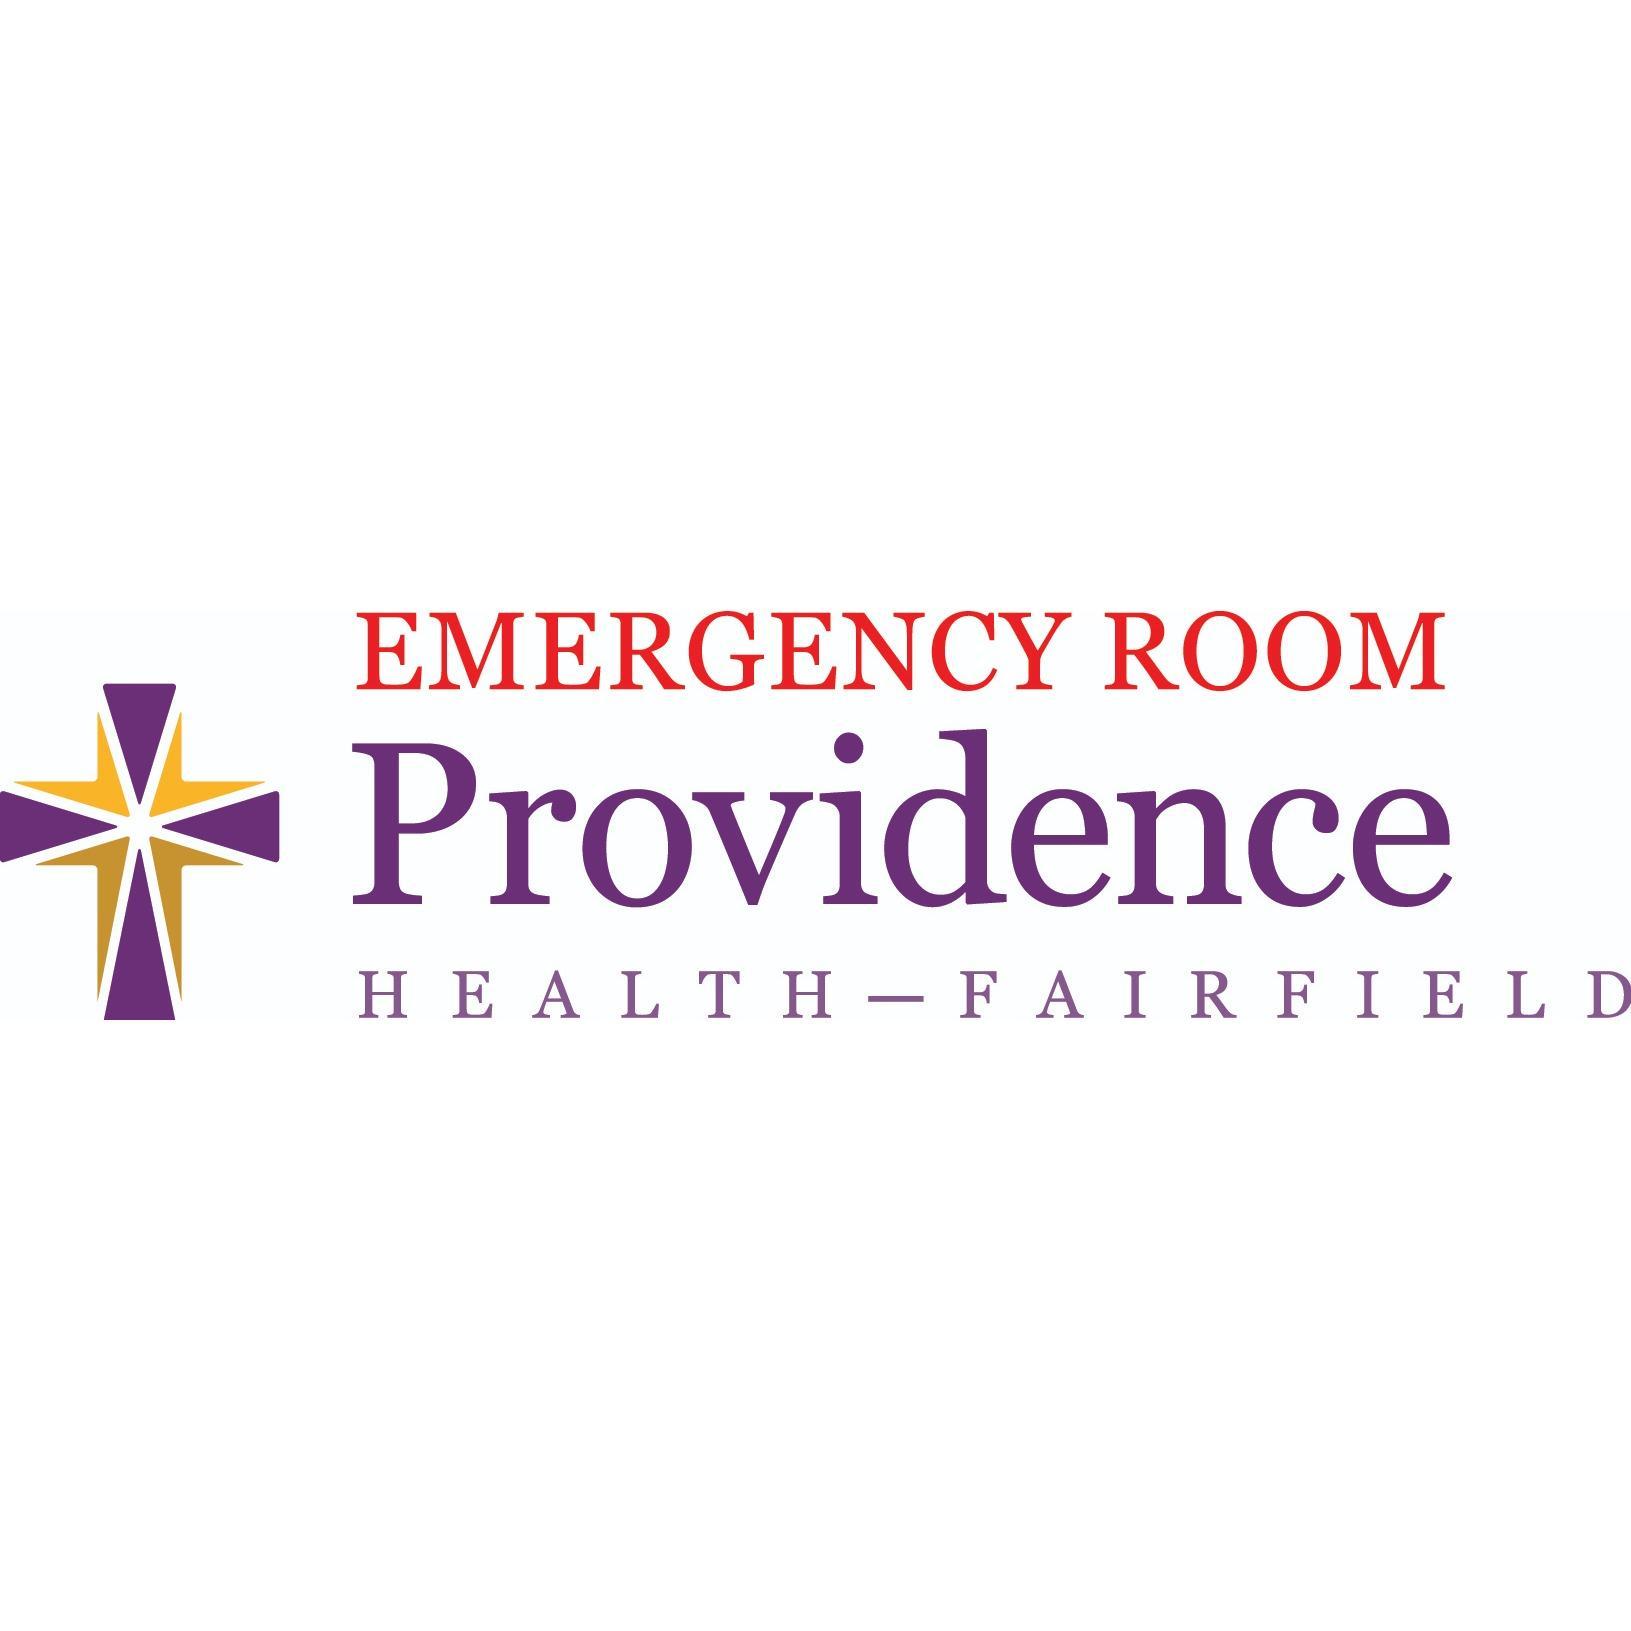 Providence Health-Fairfield